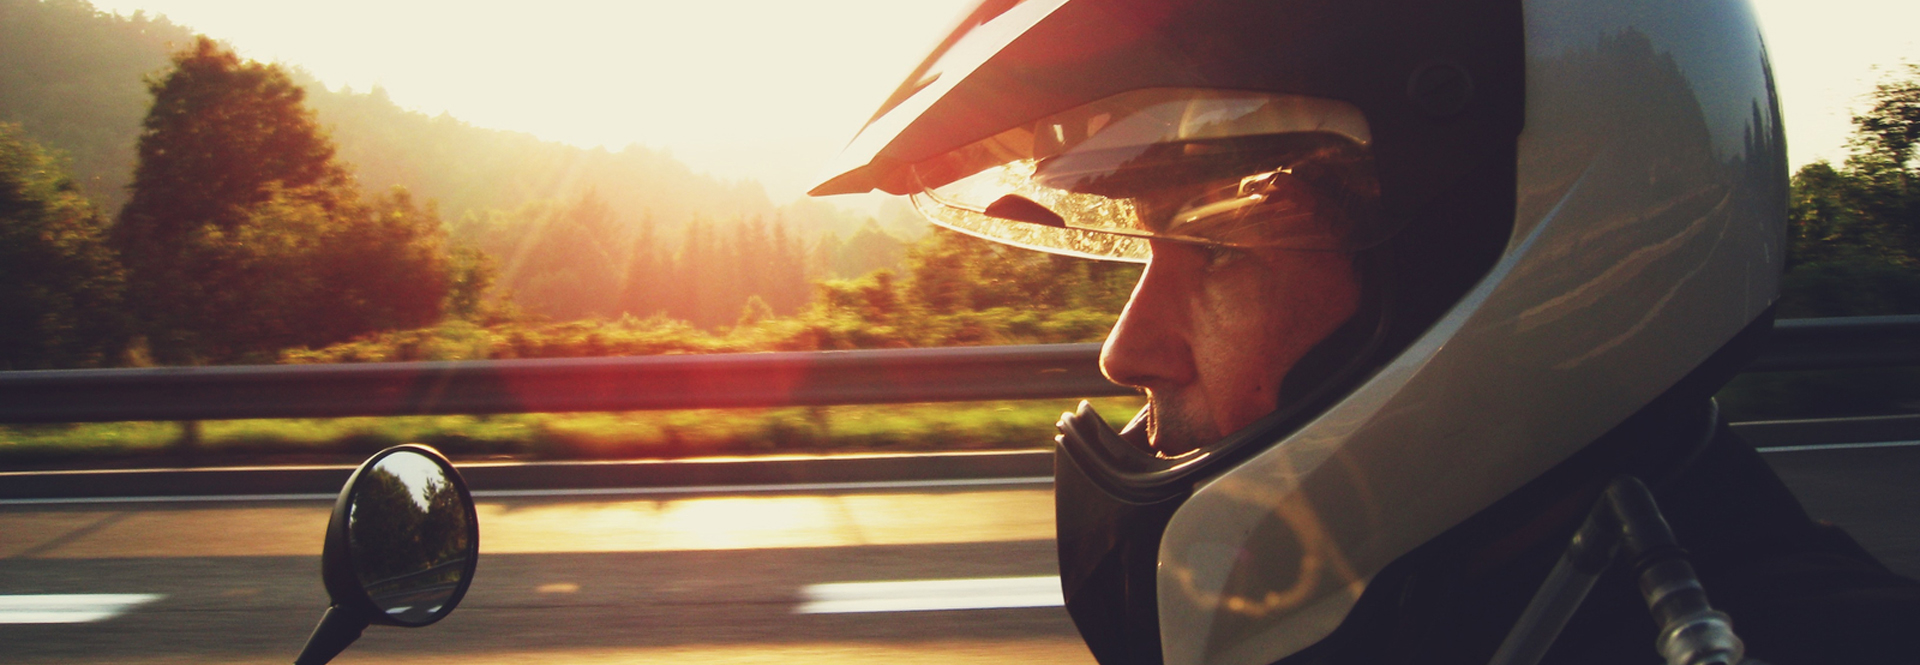 Homme sur moto avec équipements de sécurité